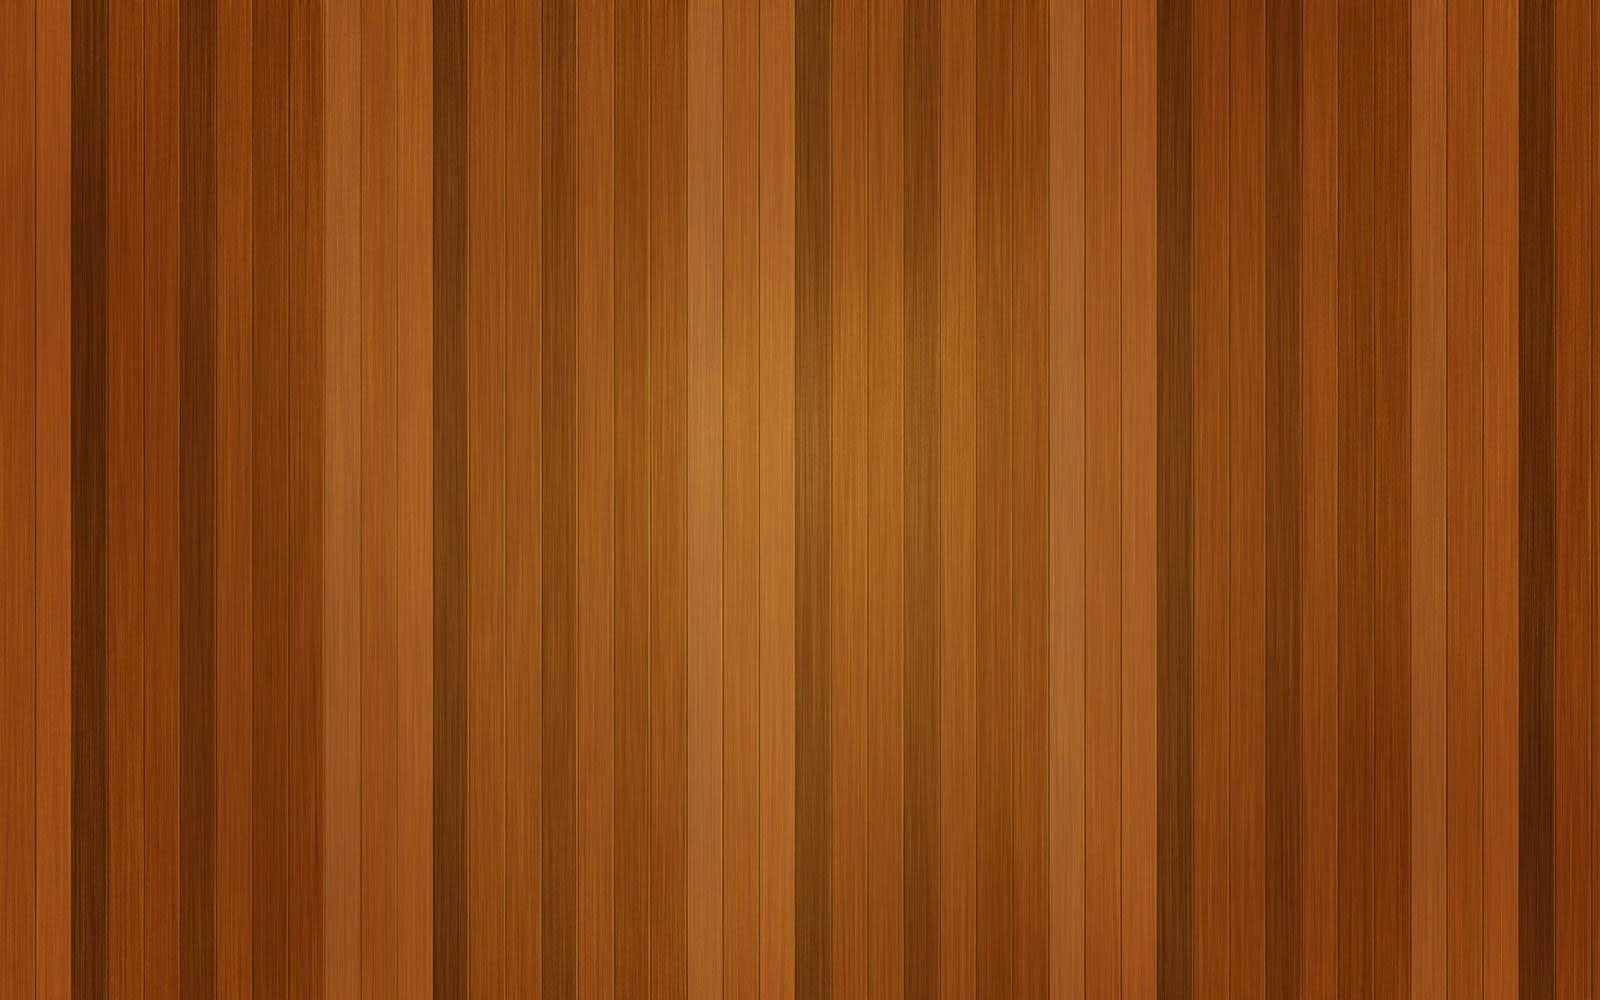 3d Wood Effect Wallpaper Love Wallpaper Gambar Gambar Tekstur Kayu Papan